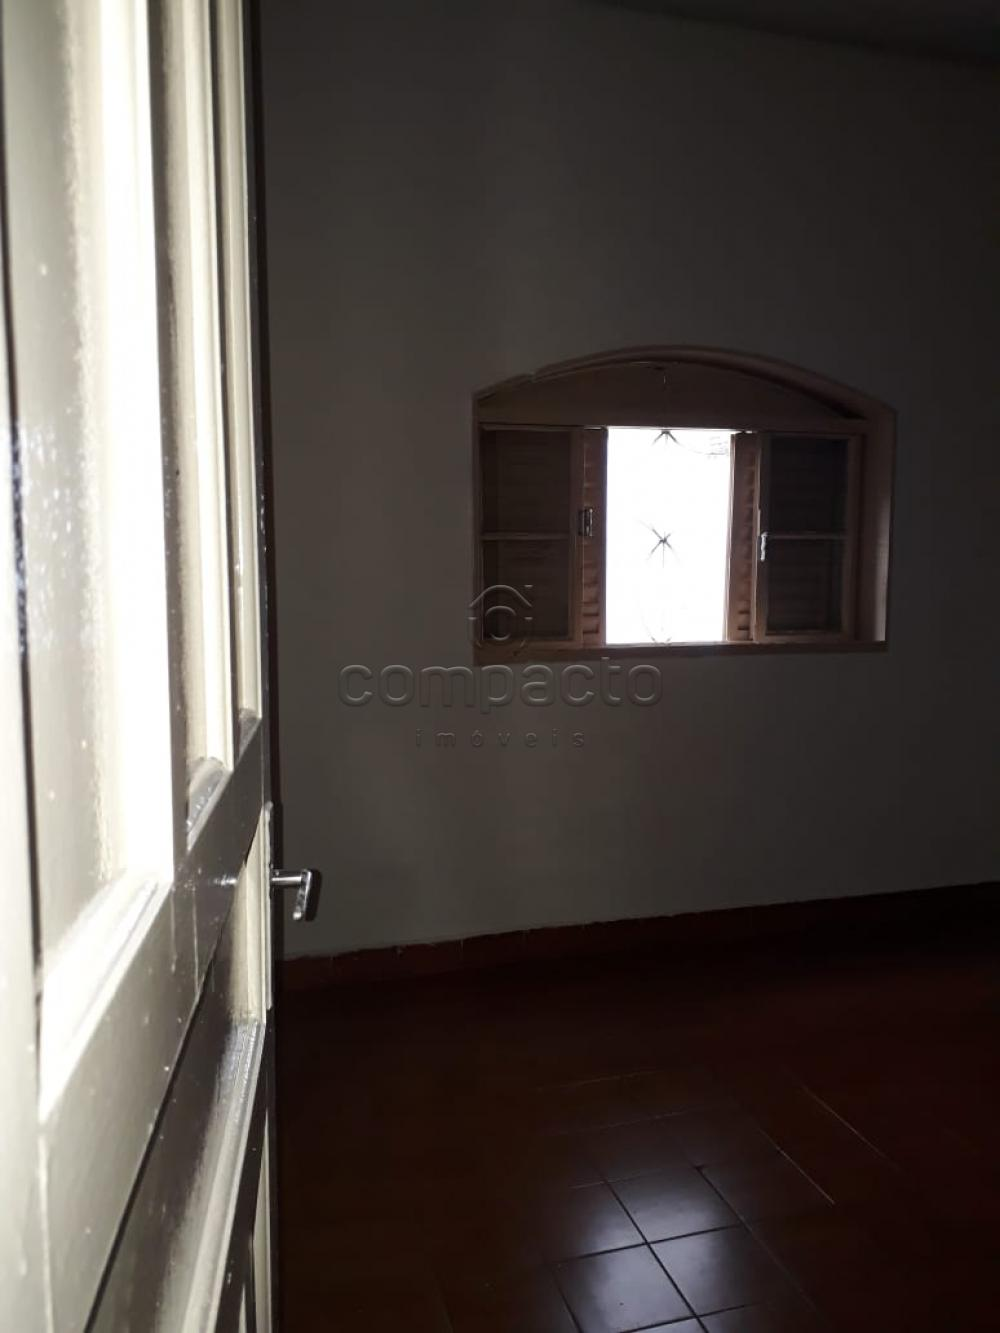 Comprar Casa / Padrão em São José do Rio Preto apenas R$ 190.000,00 - Foto 4